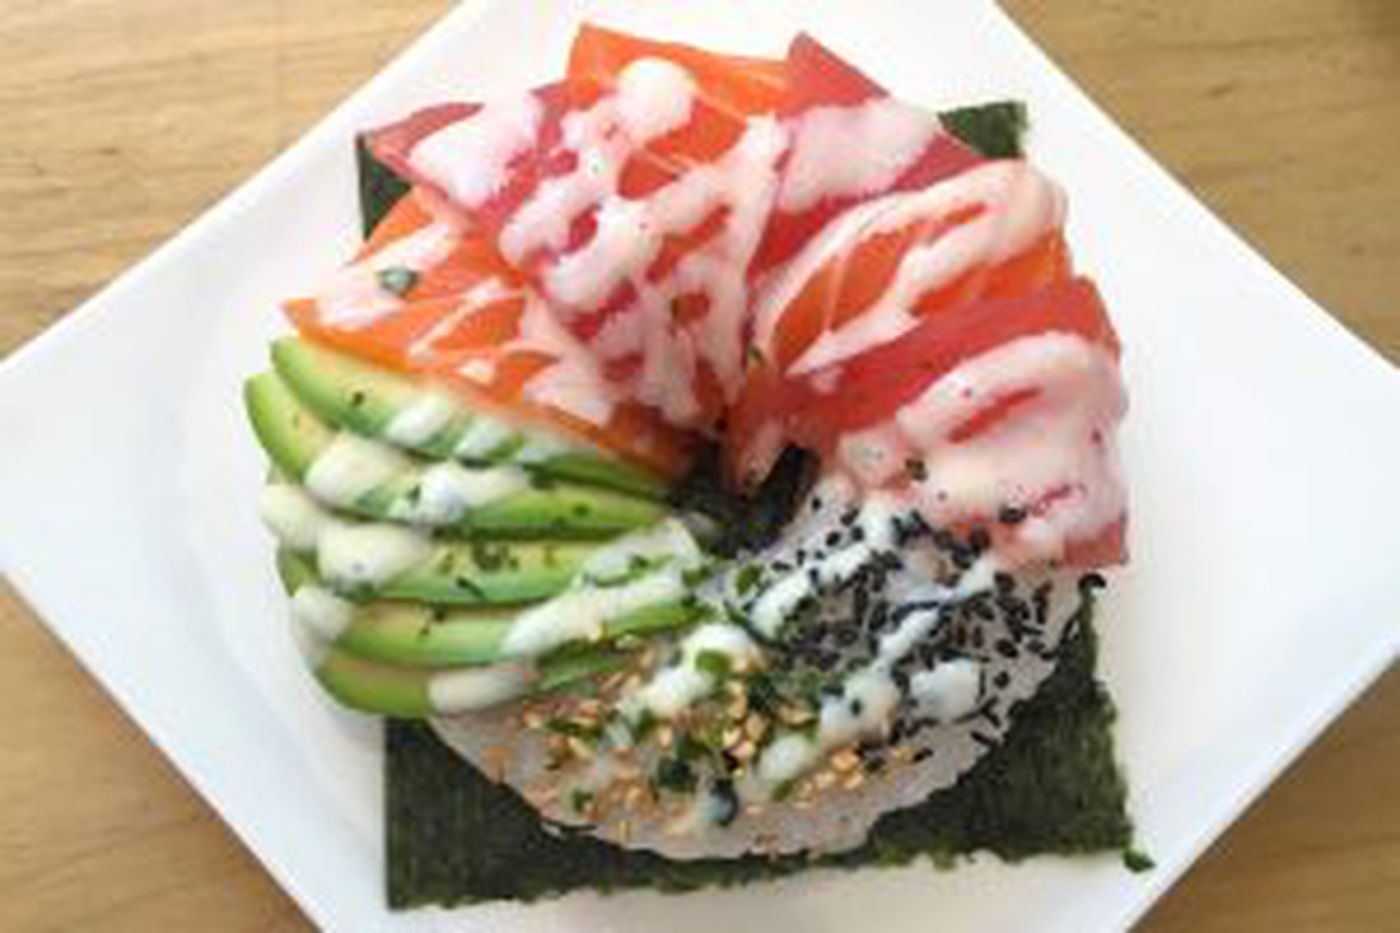 Sushi donut: Something new around here